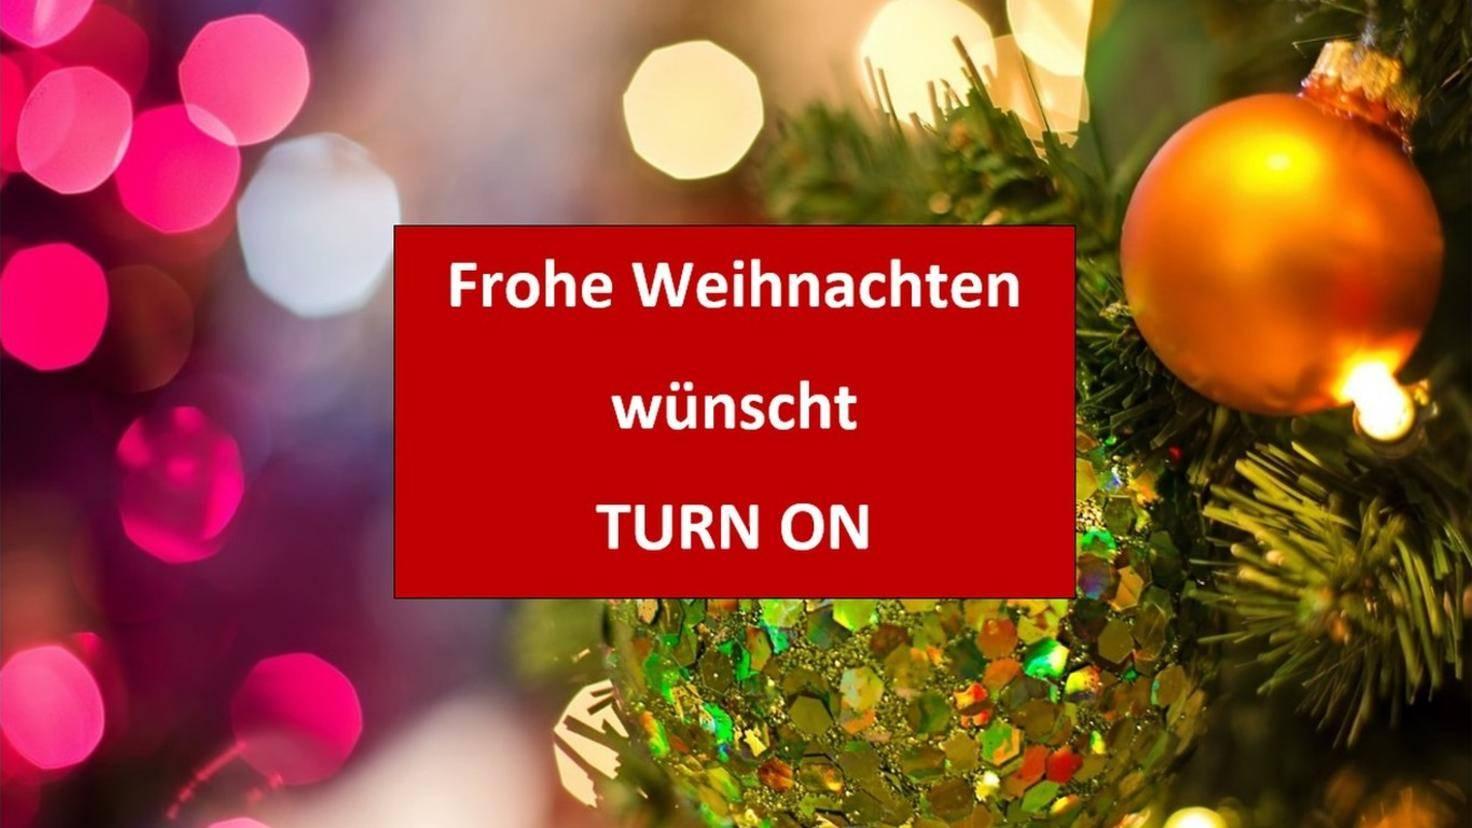 Weihnachtskarten Bilder Einfügen Kostenlos.Weihnachtskarten Erstellen Mit Word So Geht S